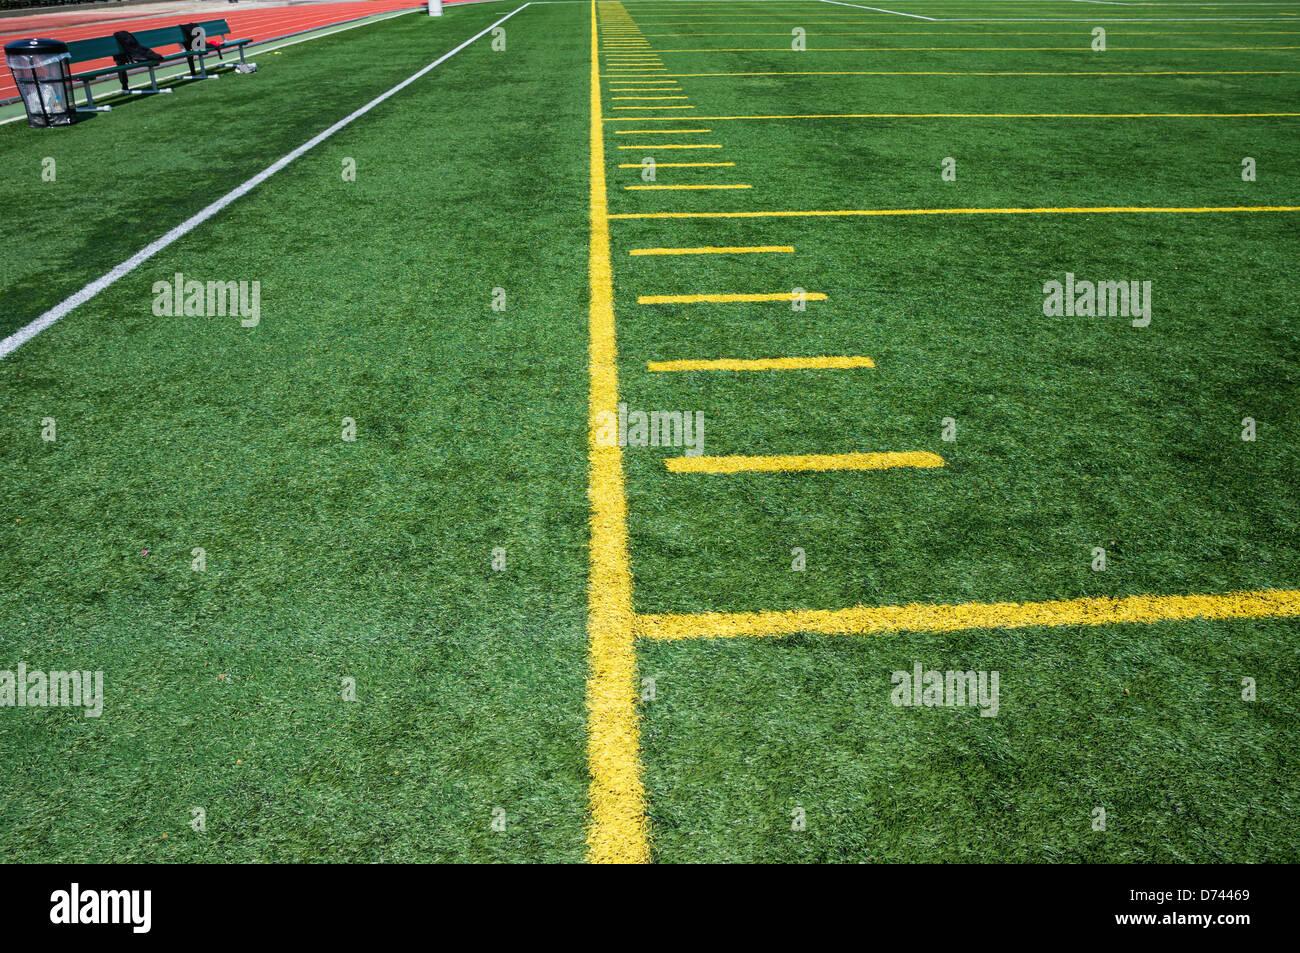 Attività secondaria sul football americano campo in erba sintetica con segni di hash. Immagini Stock